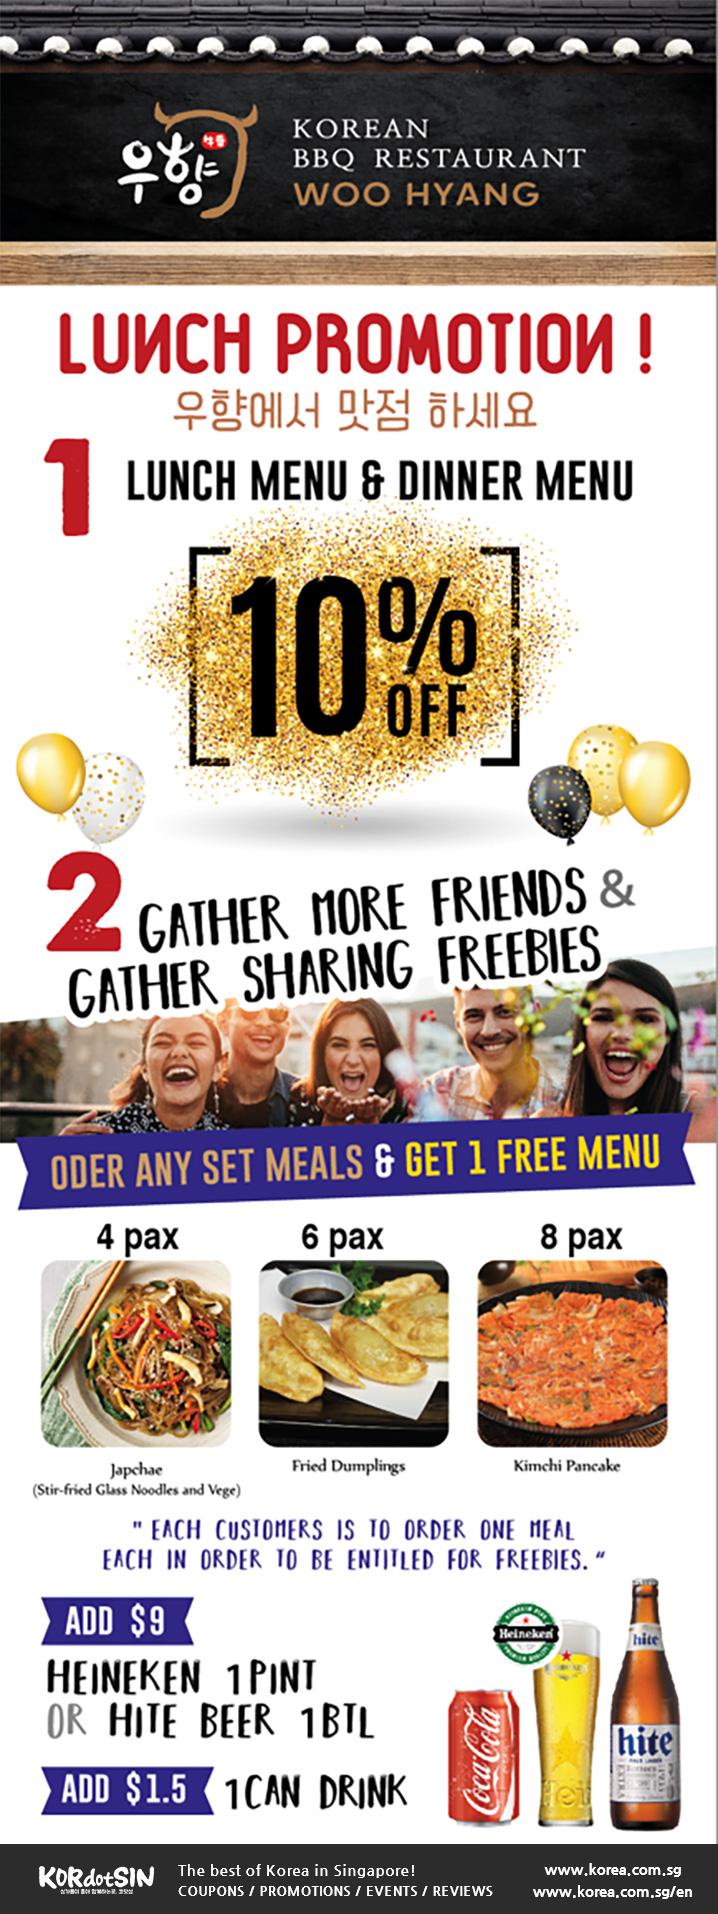 싱가포르 내장구이 전문점 우향에서 제공하는 특별 점심 프로모션!